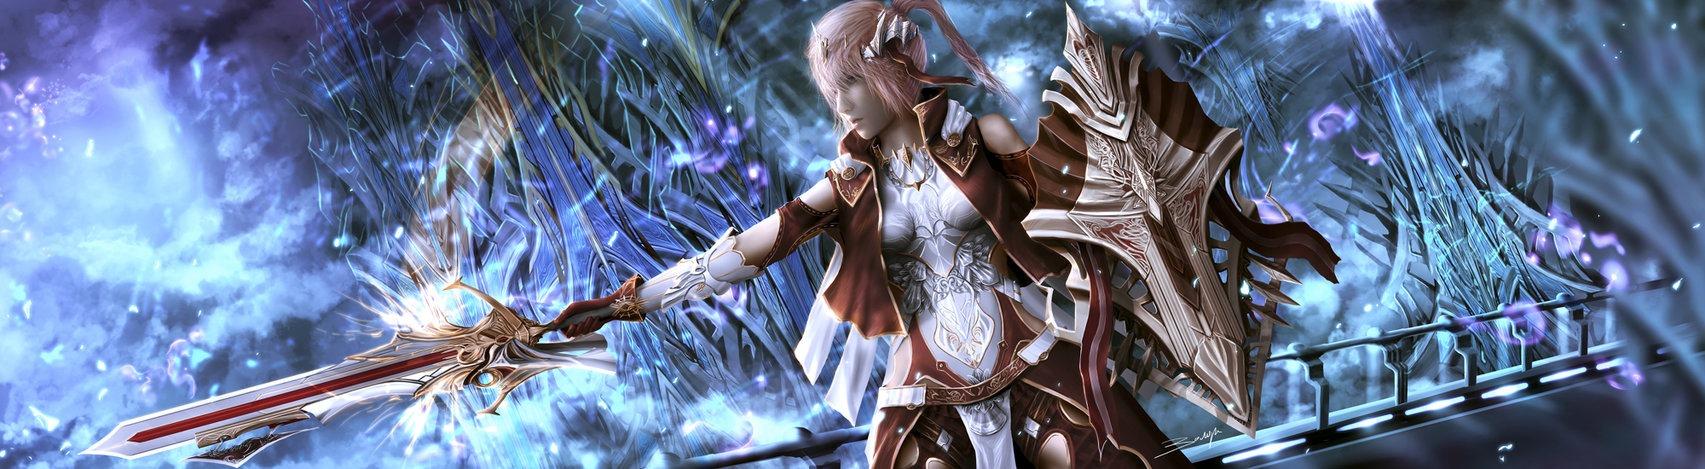 [News] Lightning Returns: Final fantasy XIII - Page 5 LR-deviantArt-02